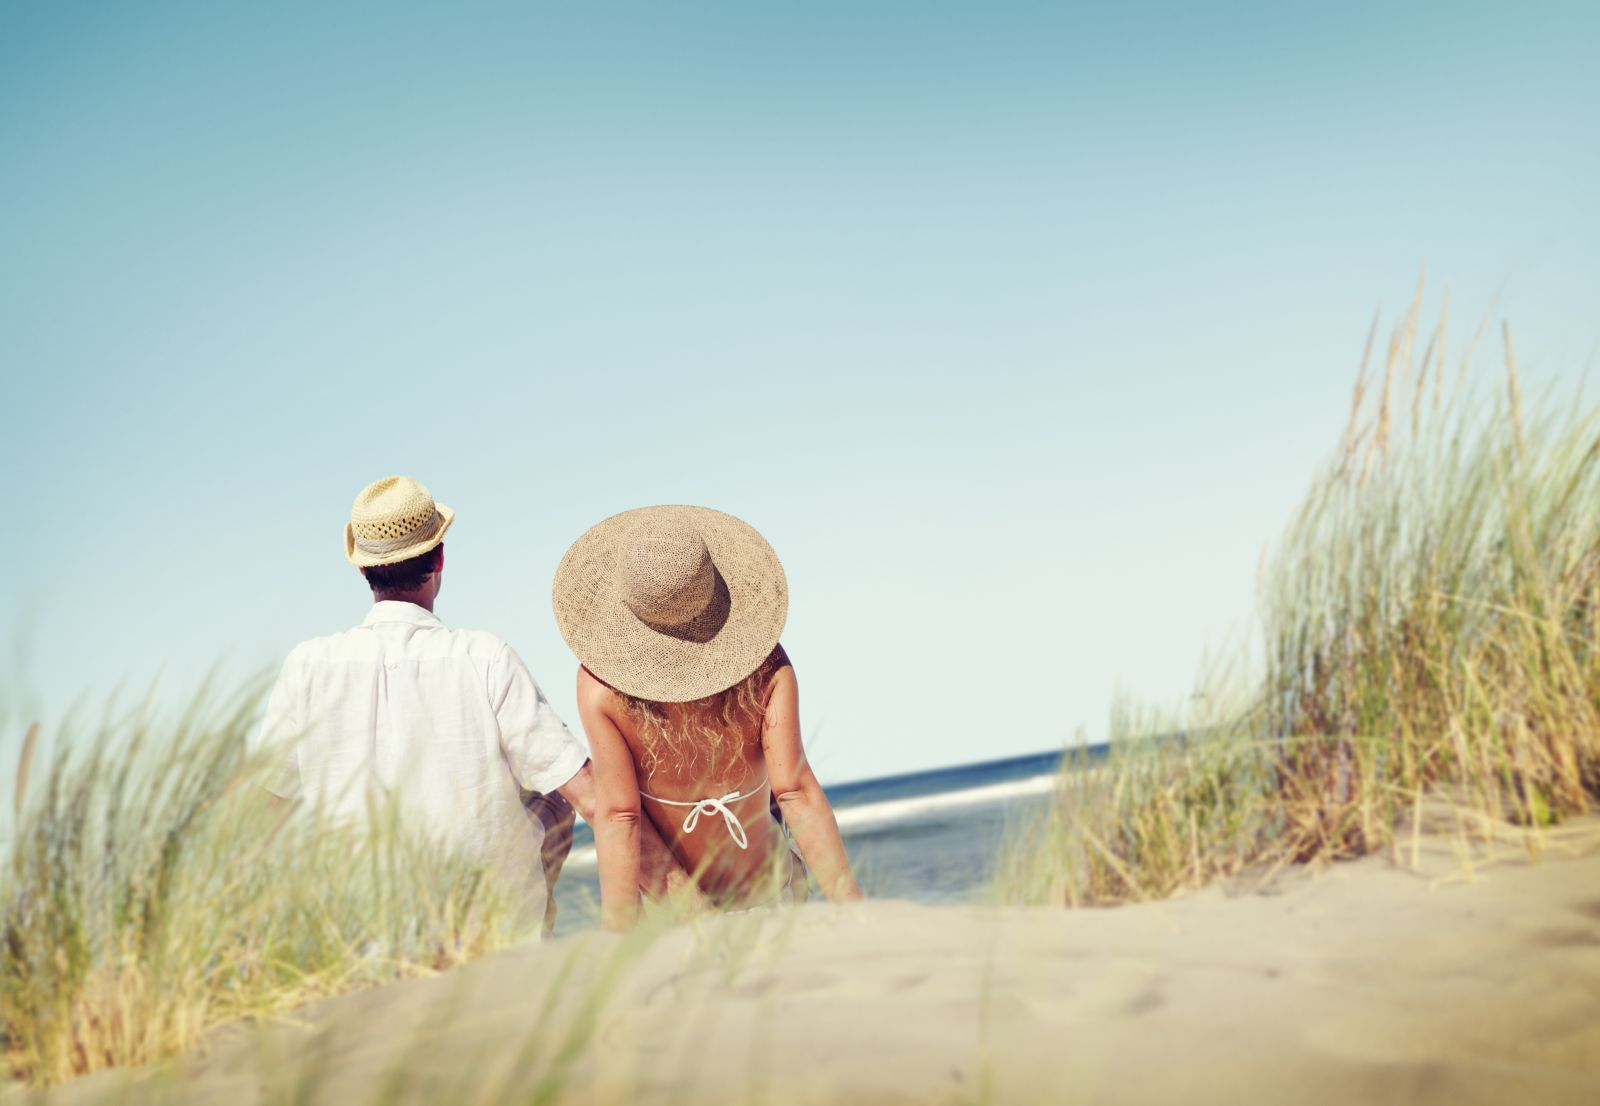 Was ist meine Motivation im Urlaub: Entspannung, sportliches Segeln, Kultur, Genussreise – vielleicht lässt sich das auch in der Nähe verwirklichen.  ©Rawpixel.com/AdobeStock